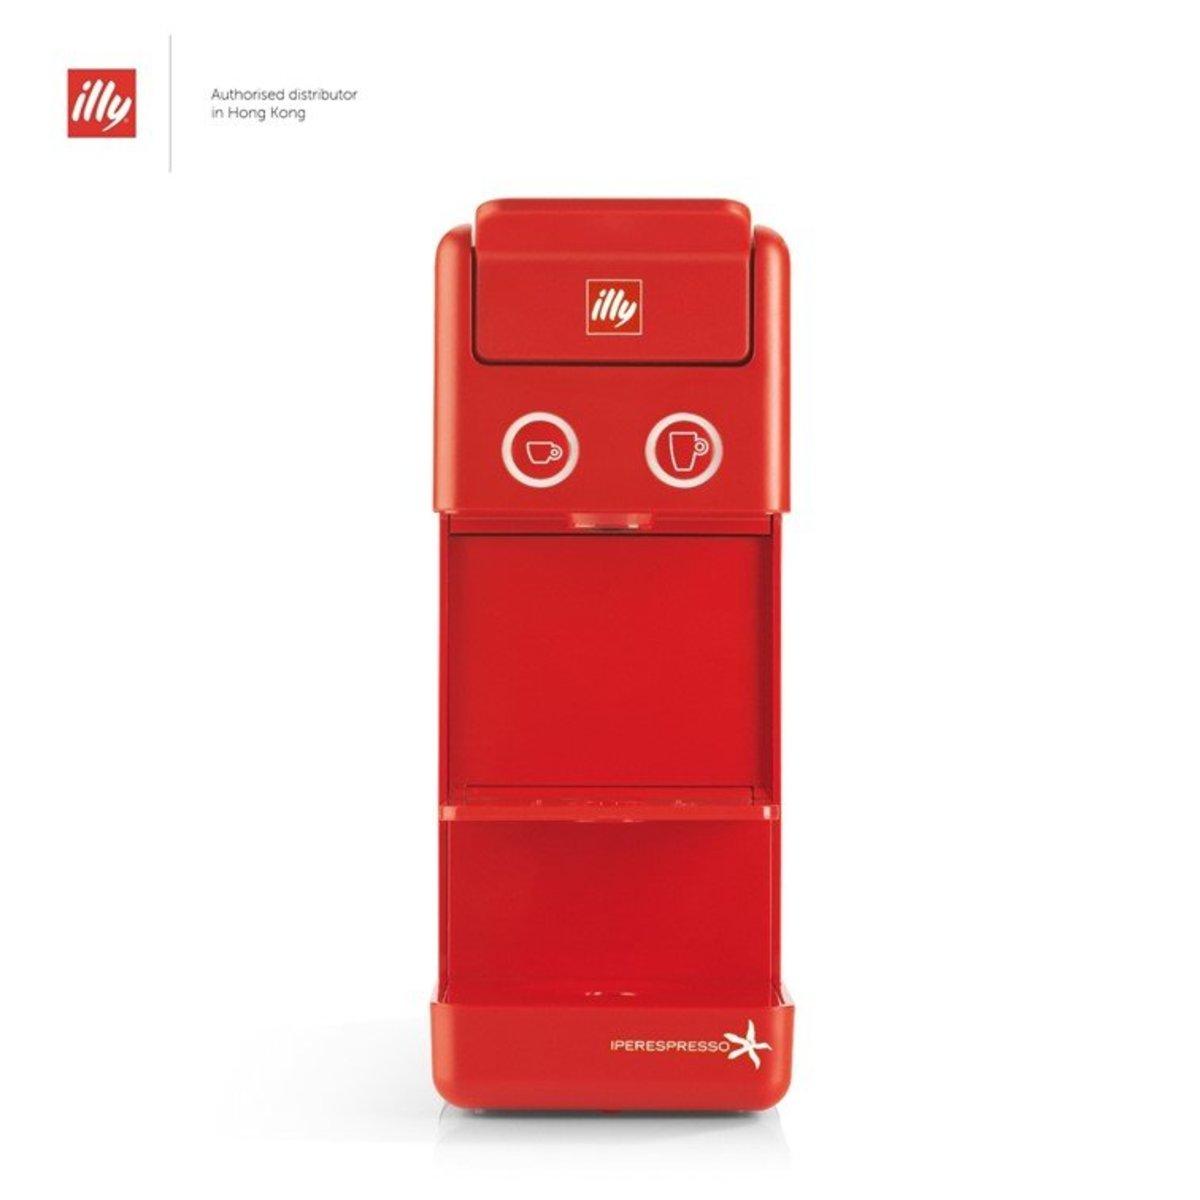 Y3.2 E&C Iperespresso Home Espresso & Coffee Capsule Machine - Red